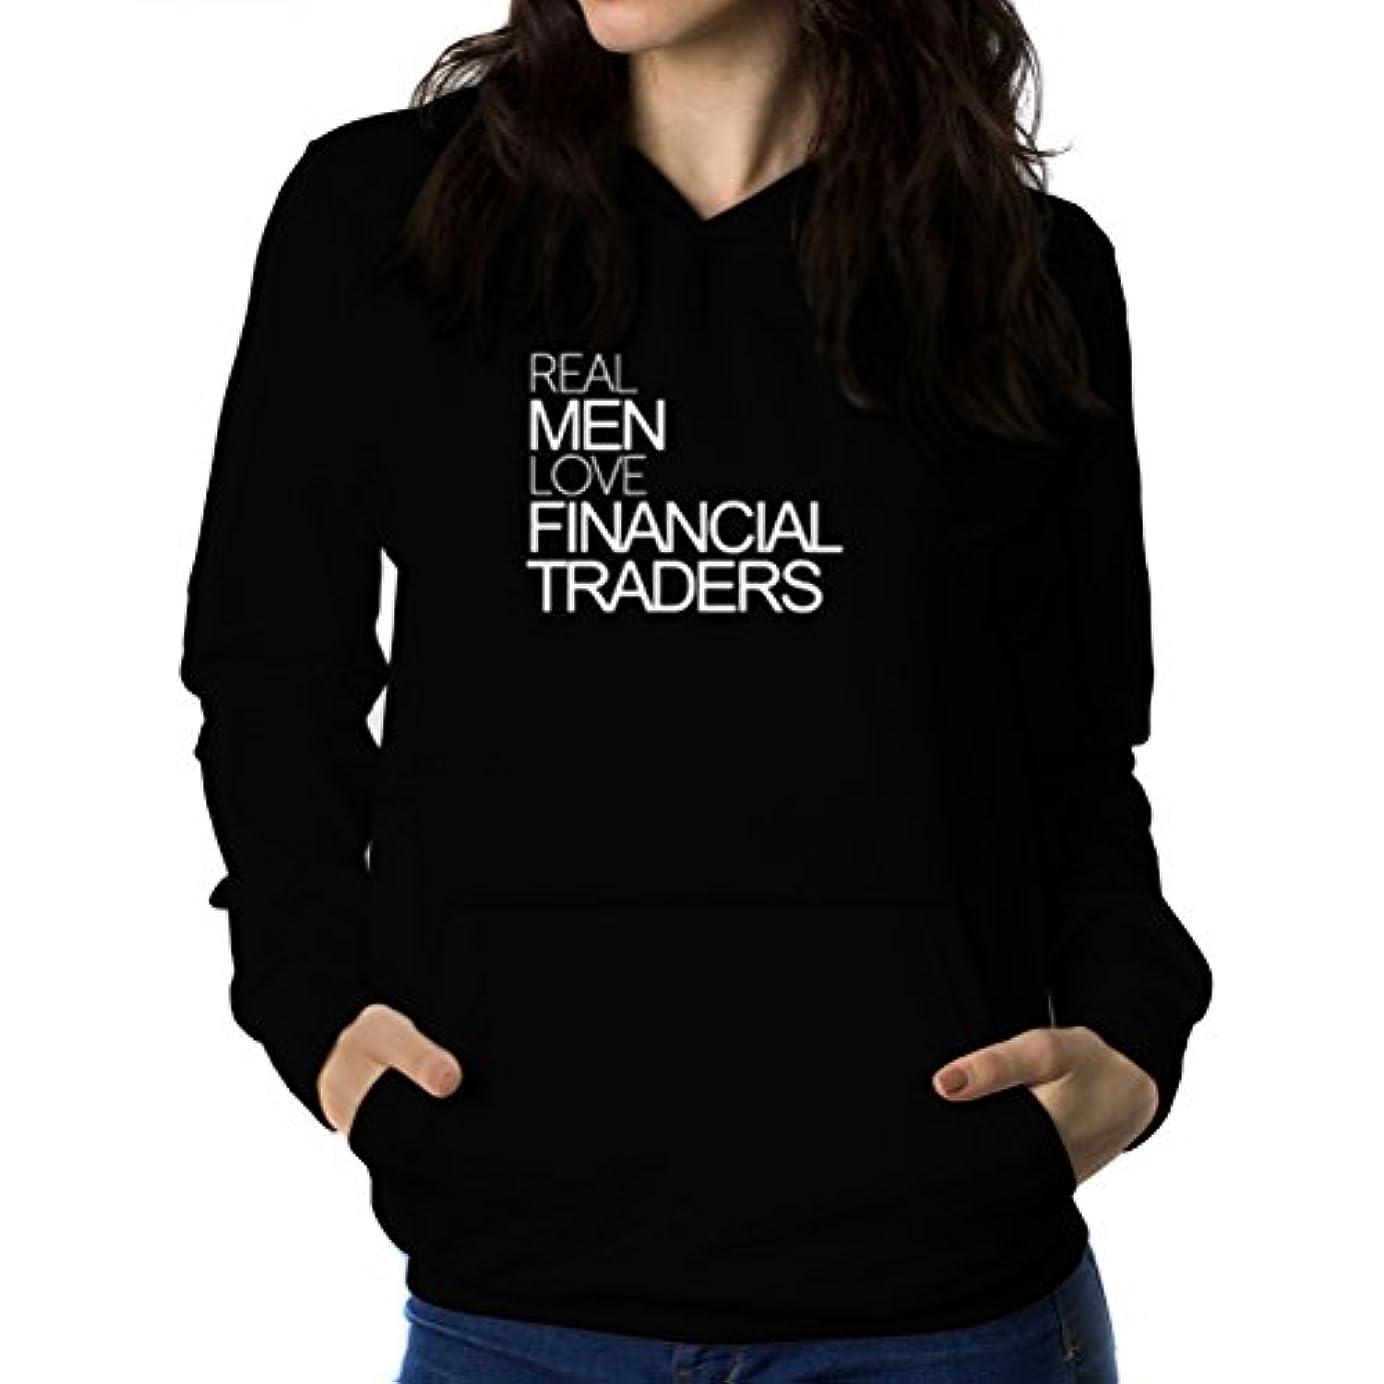 侵略良心的ガイダンスReal men love Financial Trader 女性 フーディー